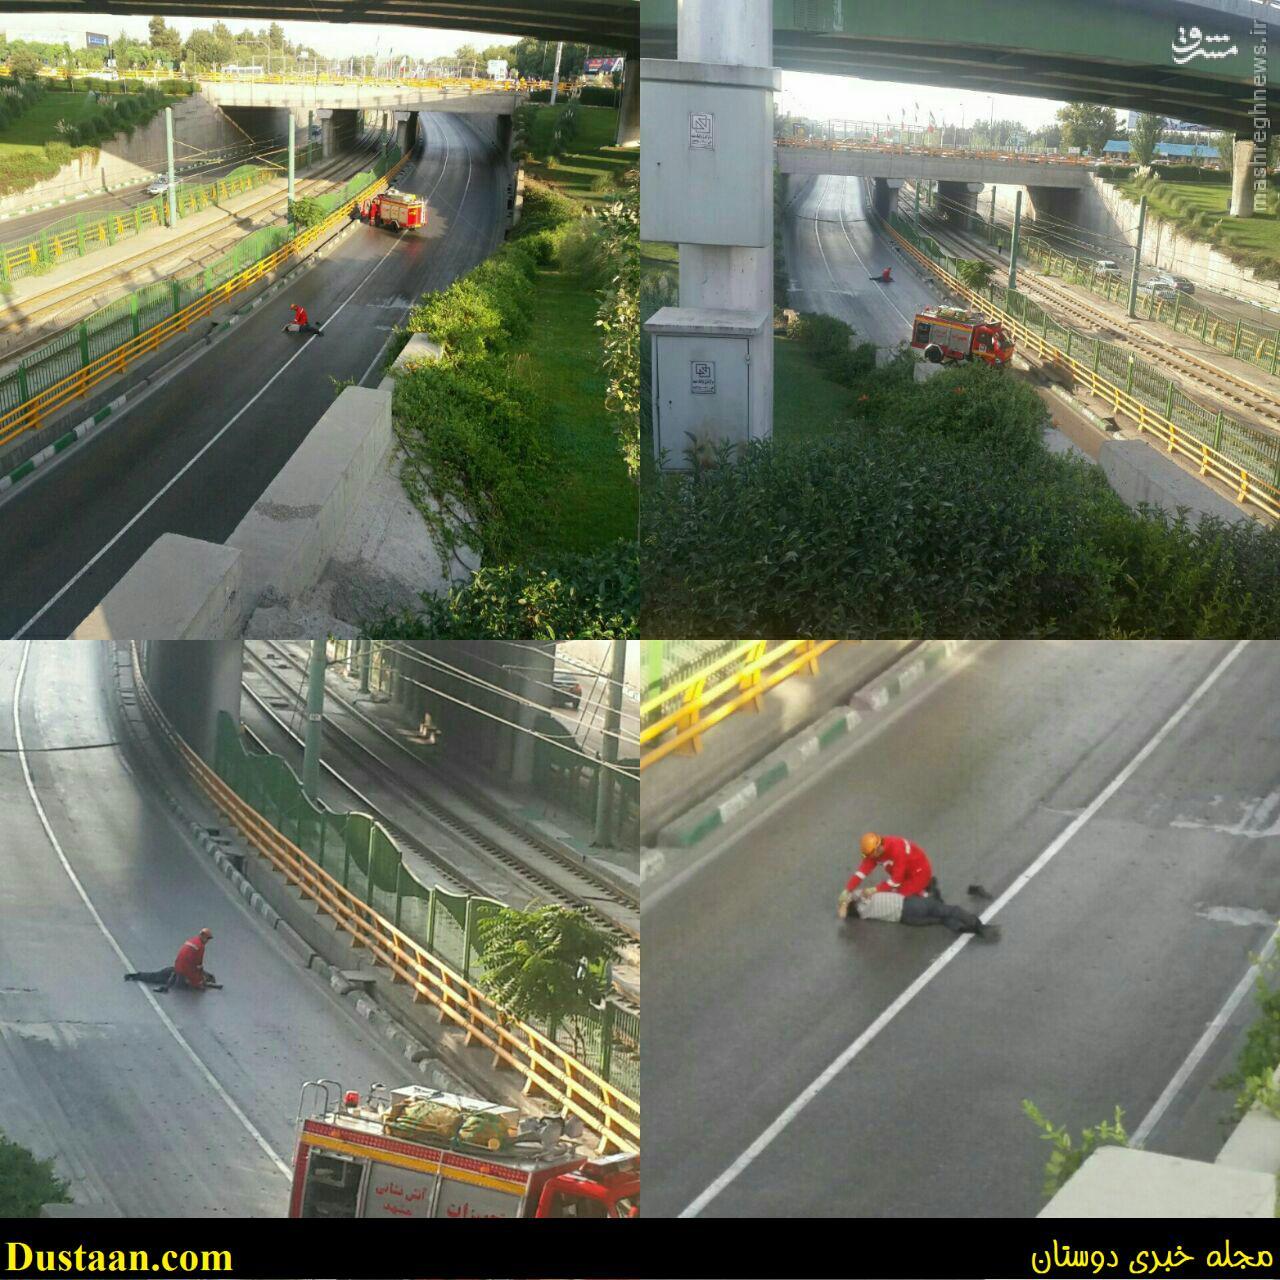 www.dustaan.com خودکشی مرد میانسال در میدان آزادی مشهد +تصاویر